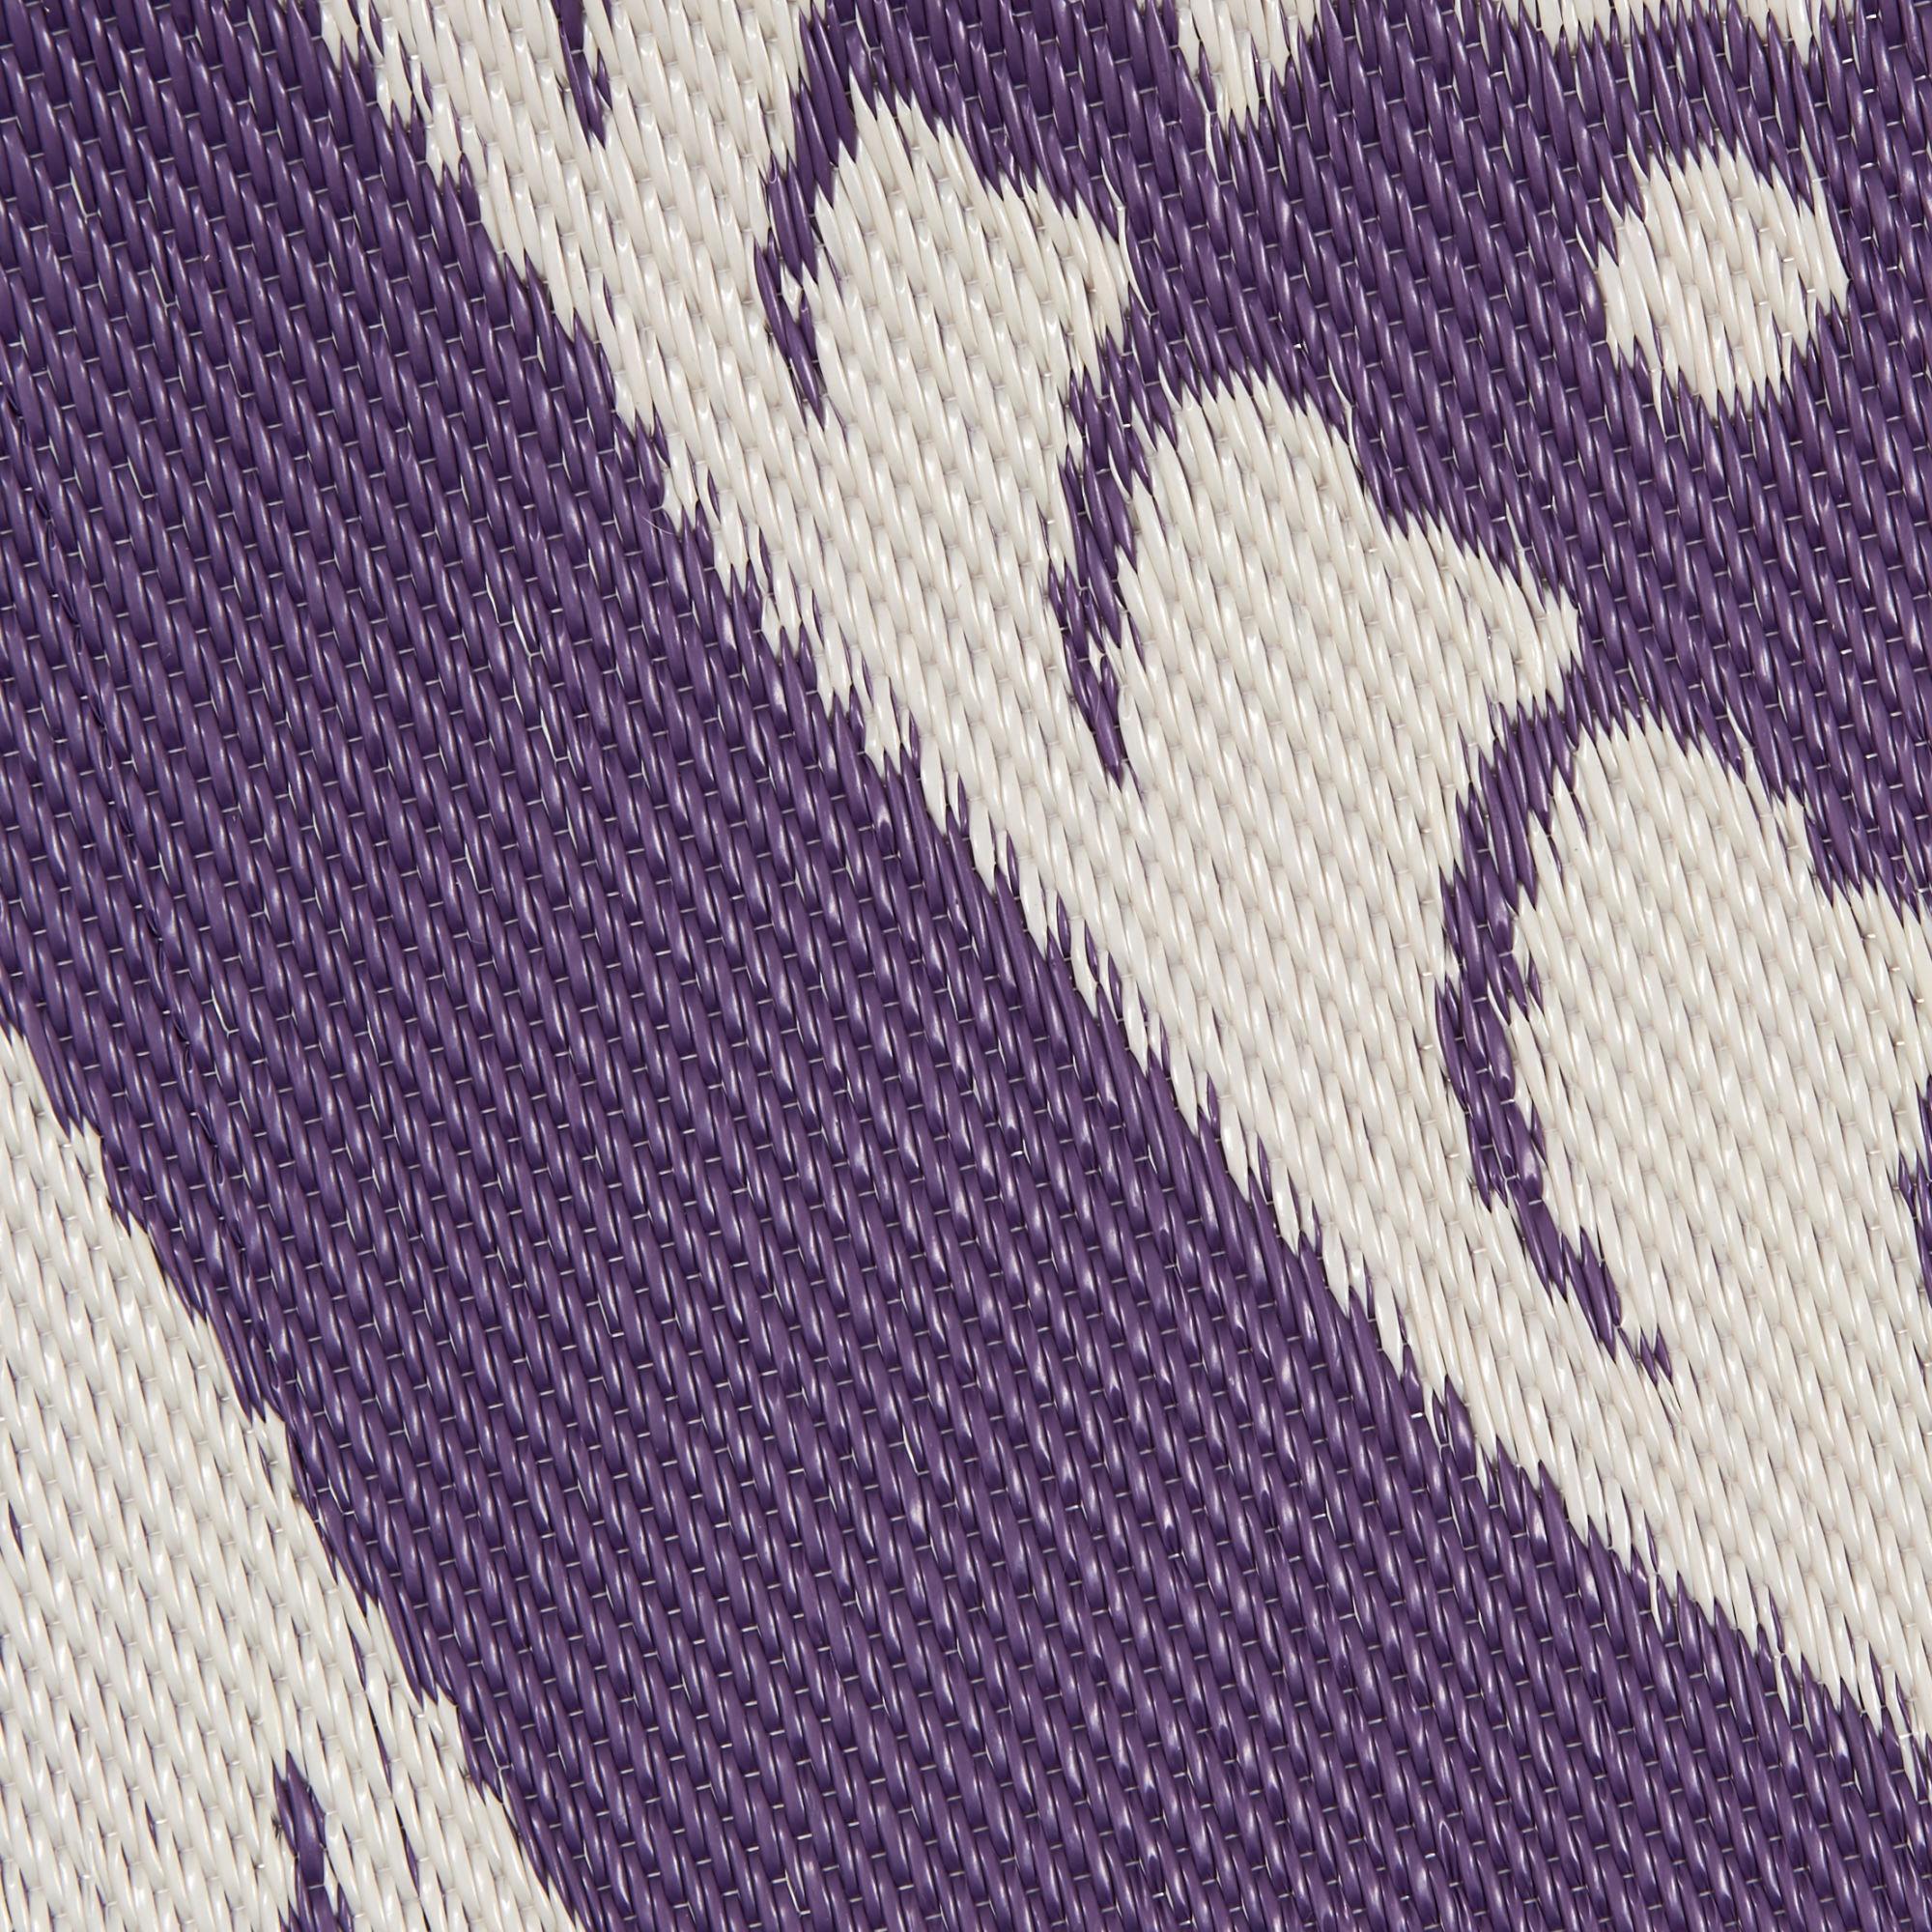 teppich mit gummircken awesome teppich mit gummircken badematten badteppiche amazon de khevga. Black Bedroom Furniture Sets. Home Design Ideas